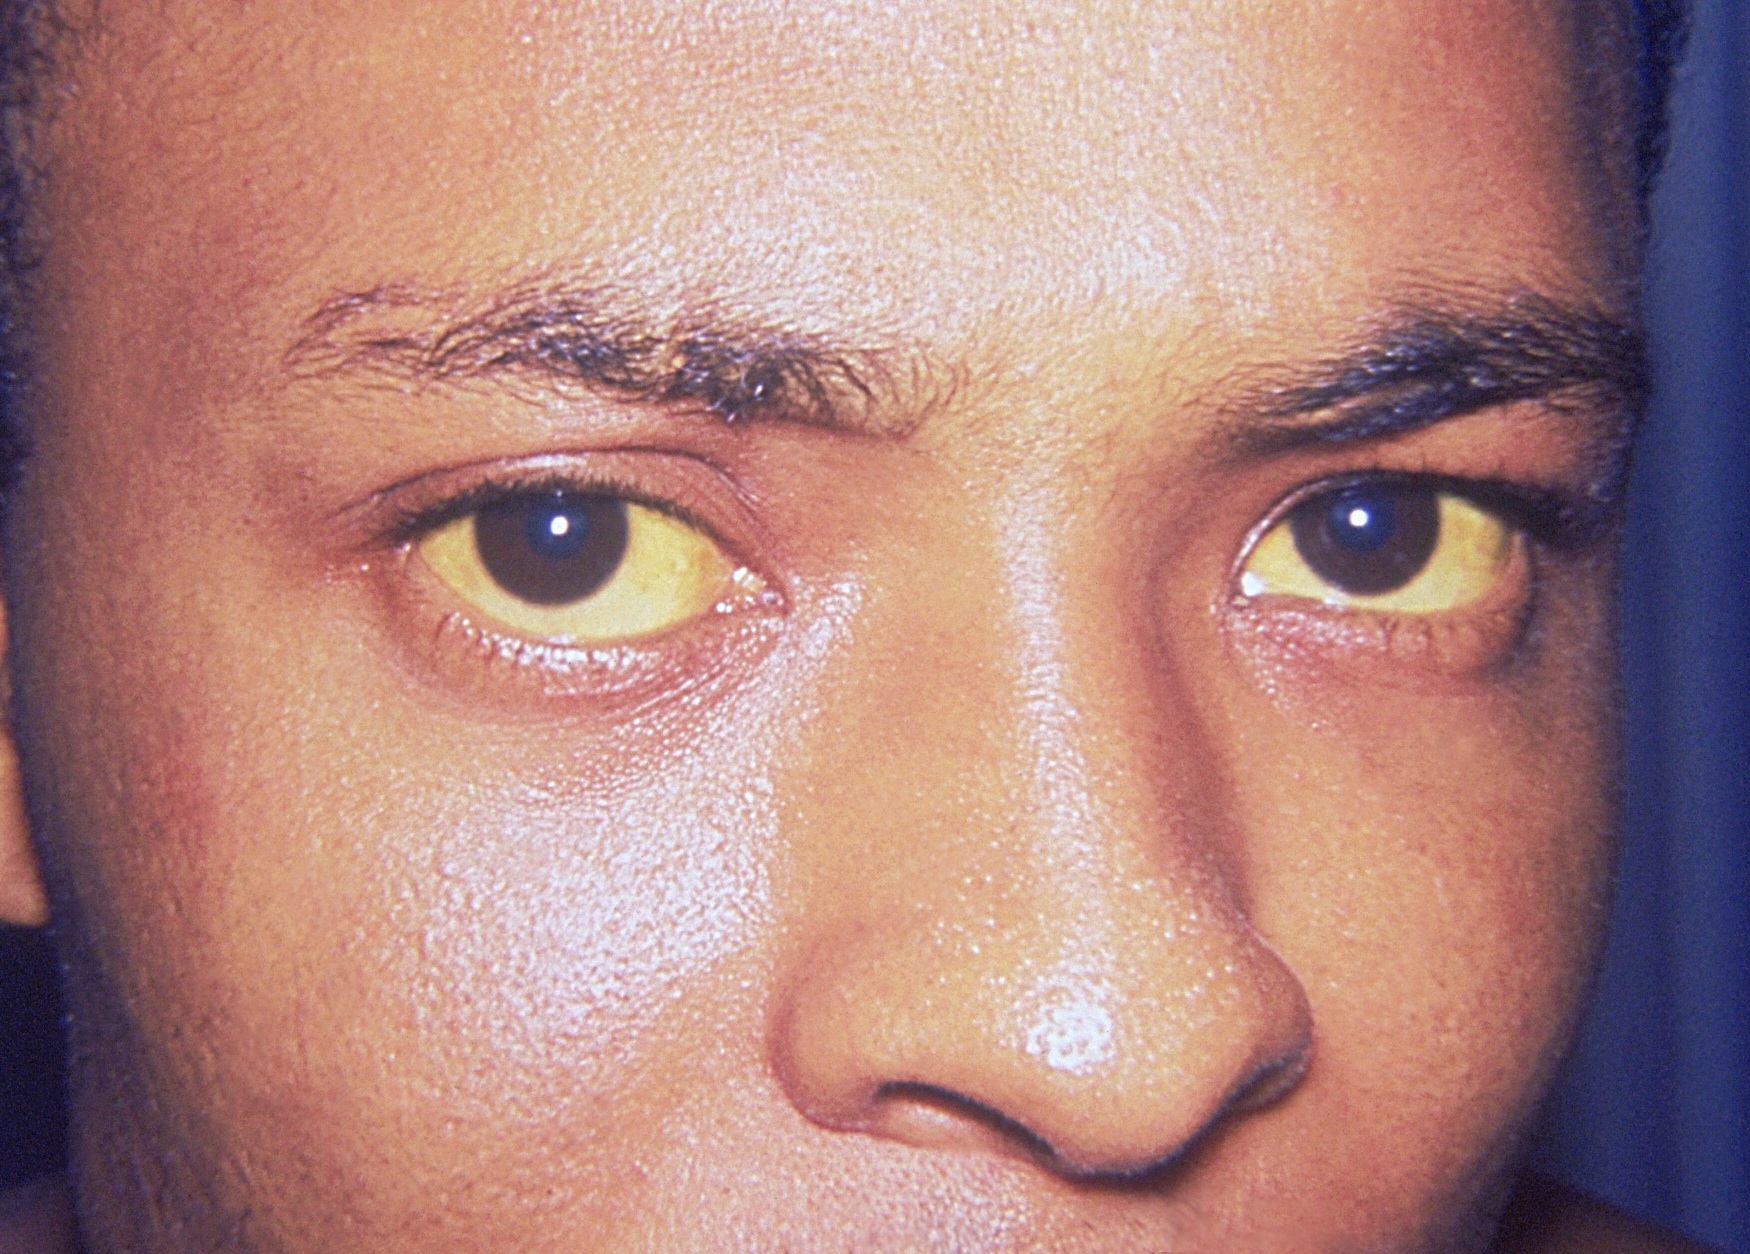 Vàng da là một trong những triệu chứng của ung thư gan thứ phát.